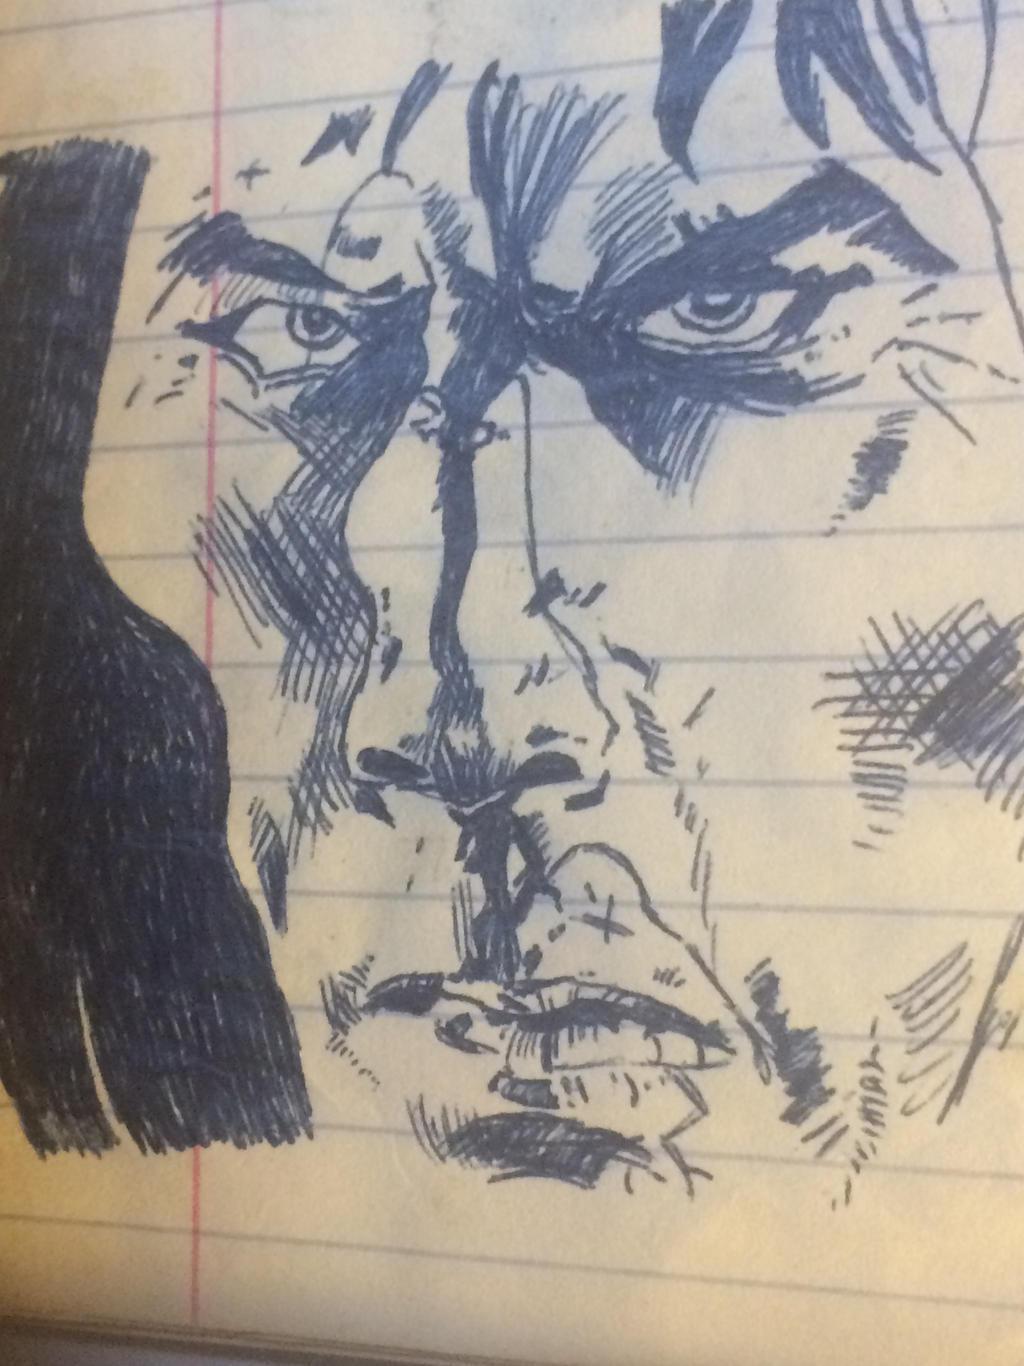 Conan in pen